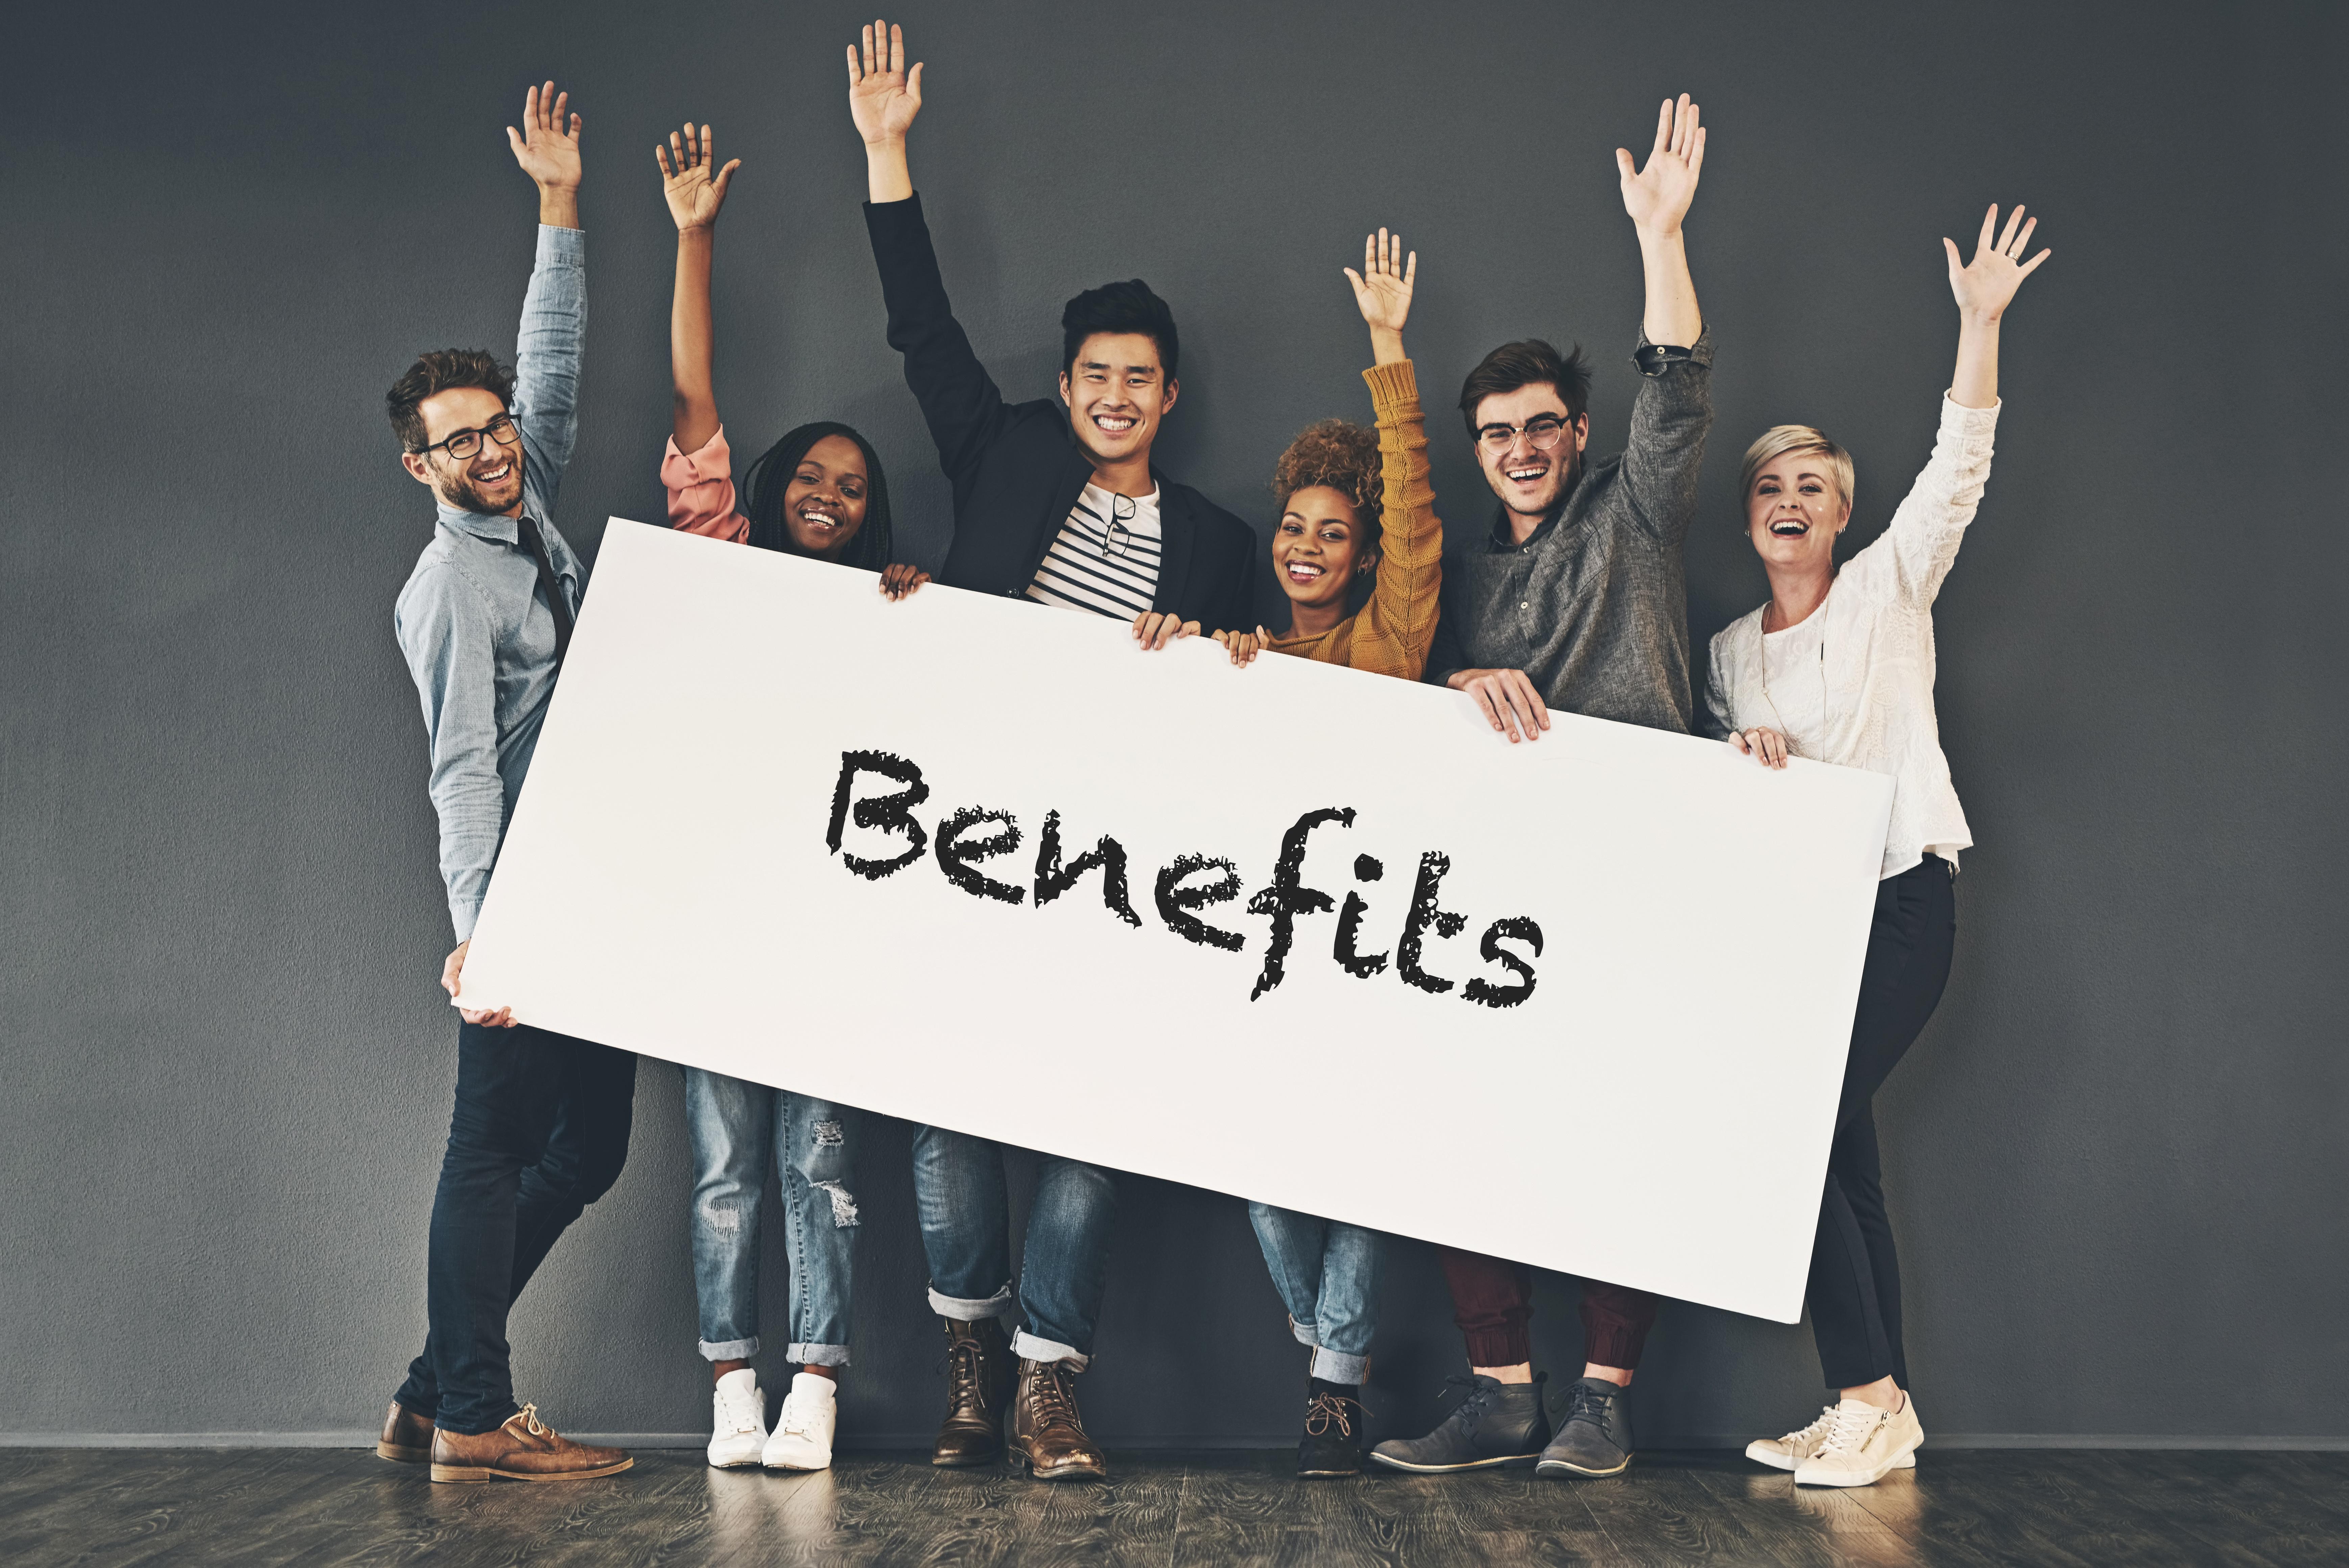 Top 5 most attractive employee benefits